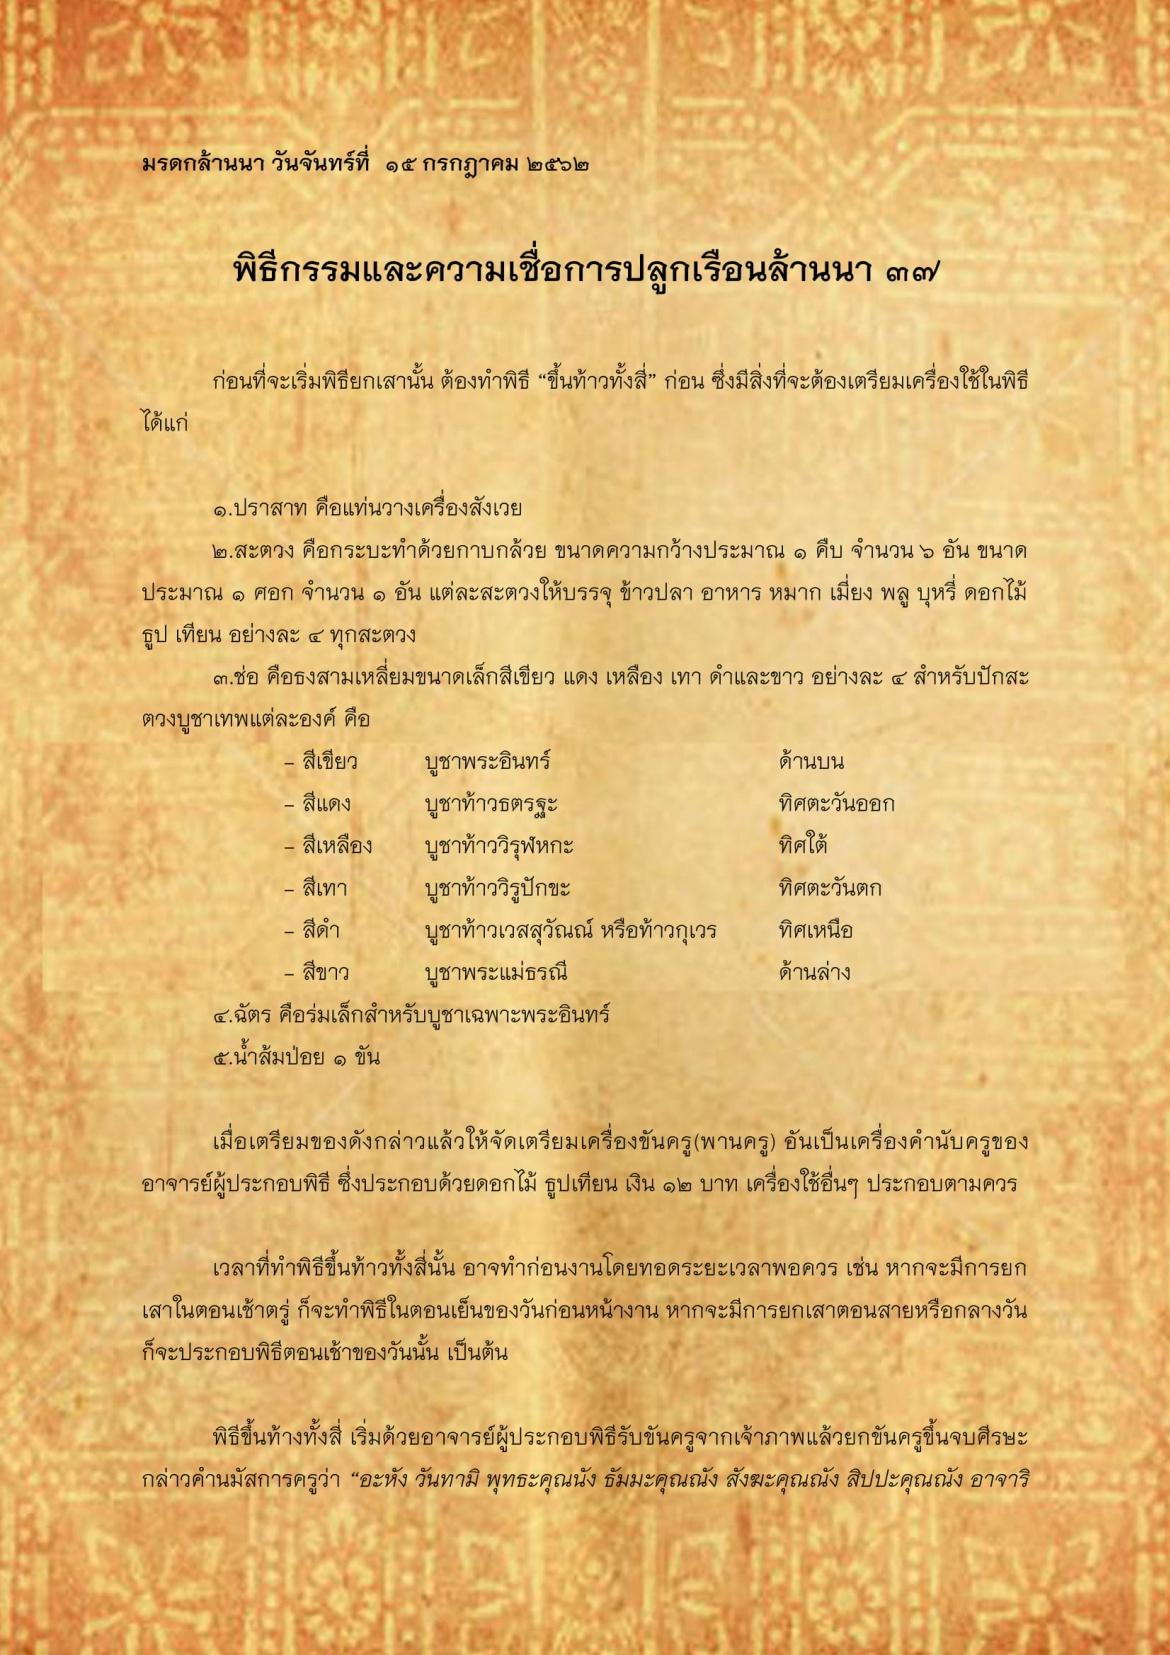 พิธีกรรมเเละความเชื่อการปลูกเรือนล้านนา(37) - 15 กรกฎาคม 2562